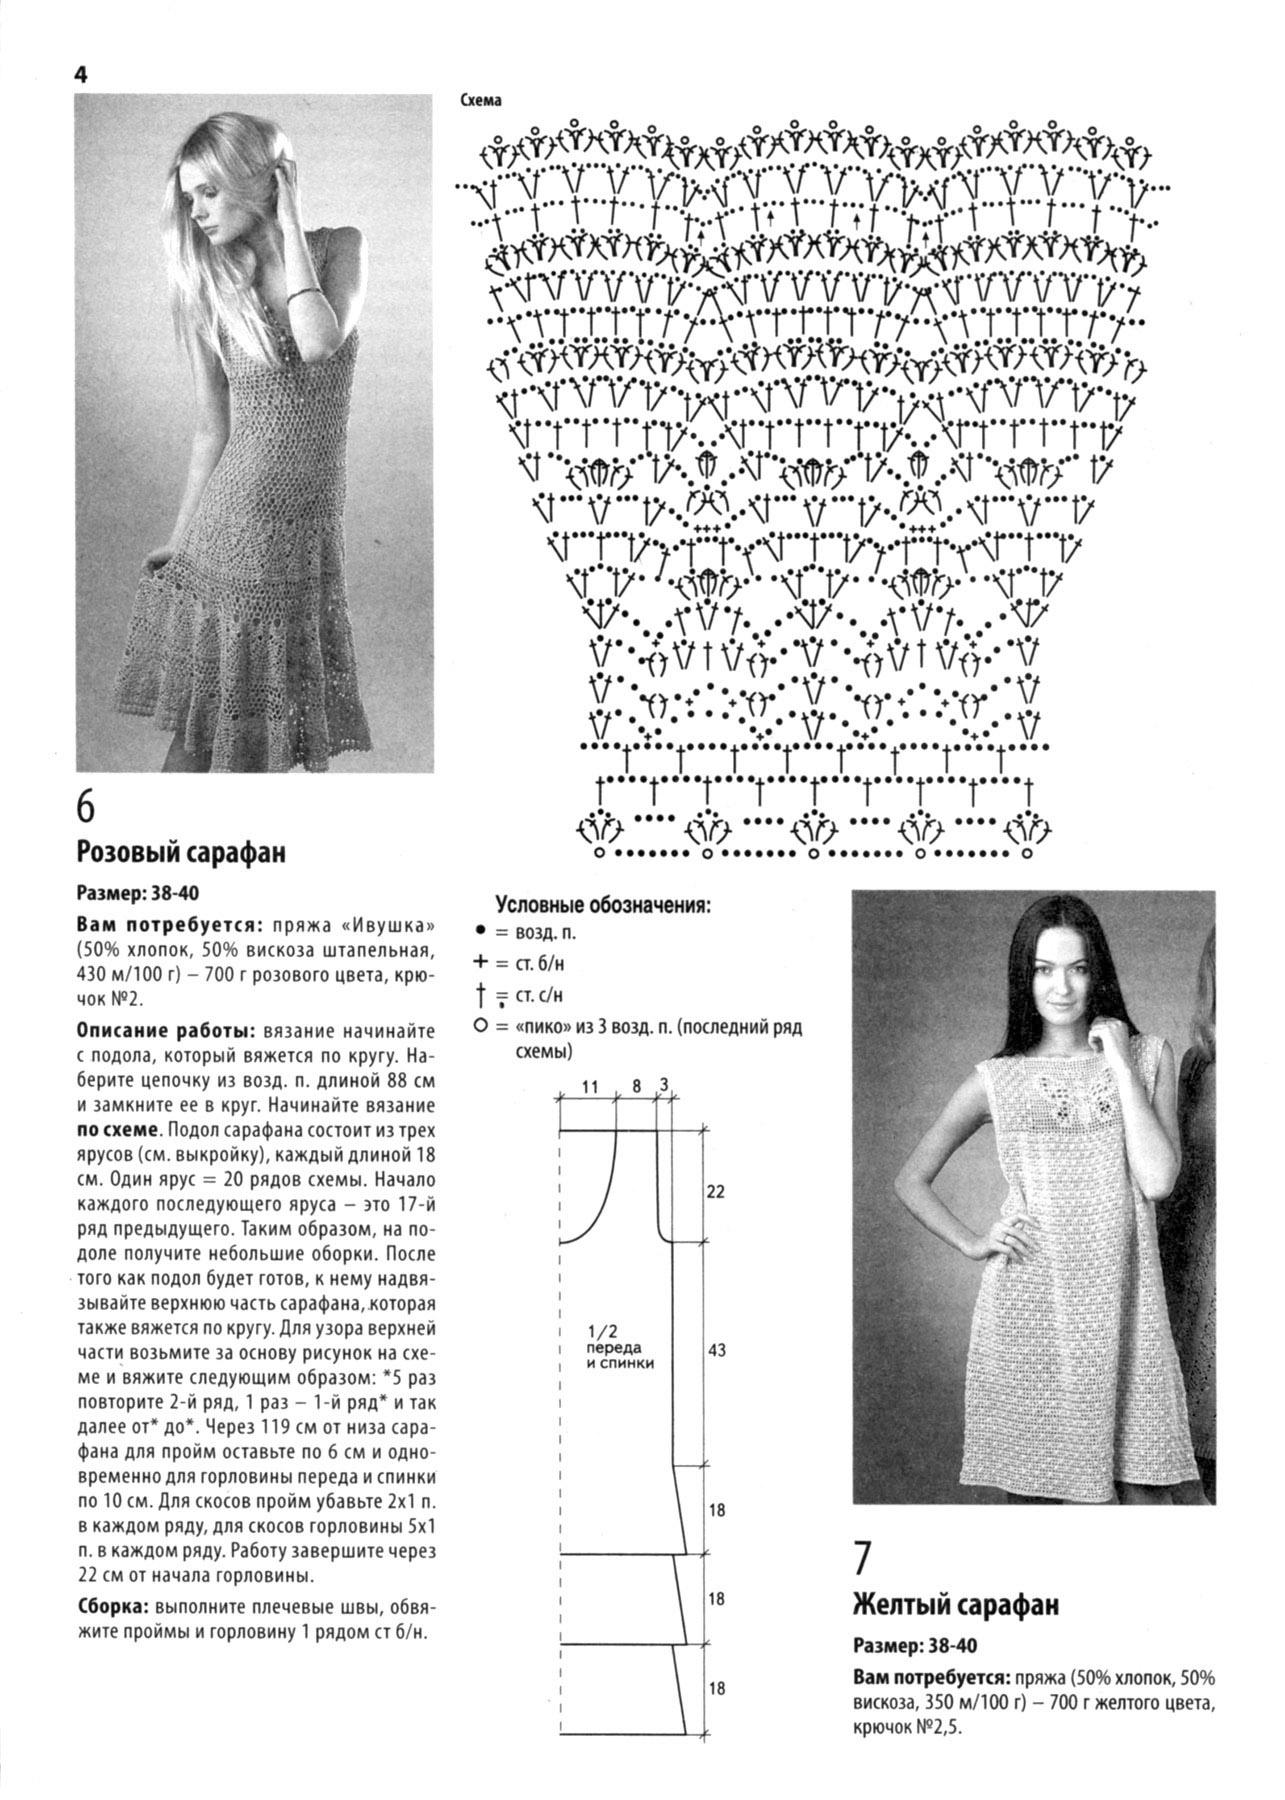 俄网美衣美裙(673) - 柳芯飘雪 - 柳芯飘雪的博客